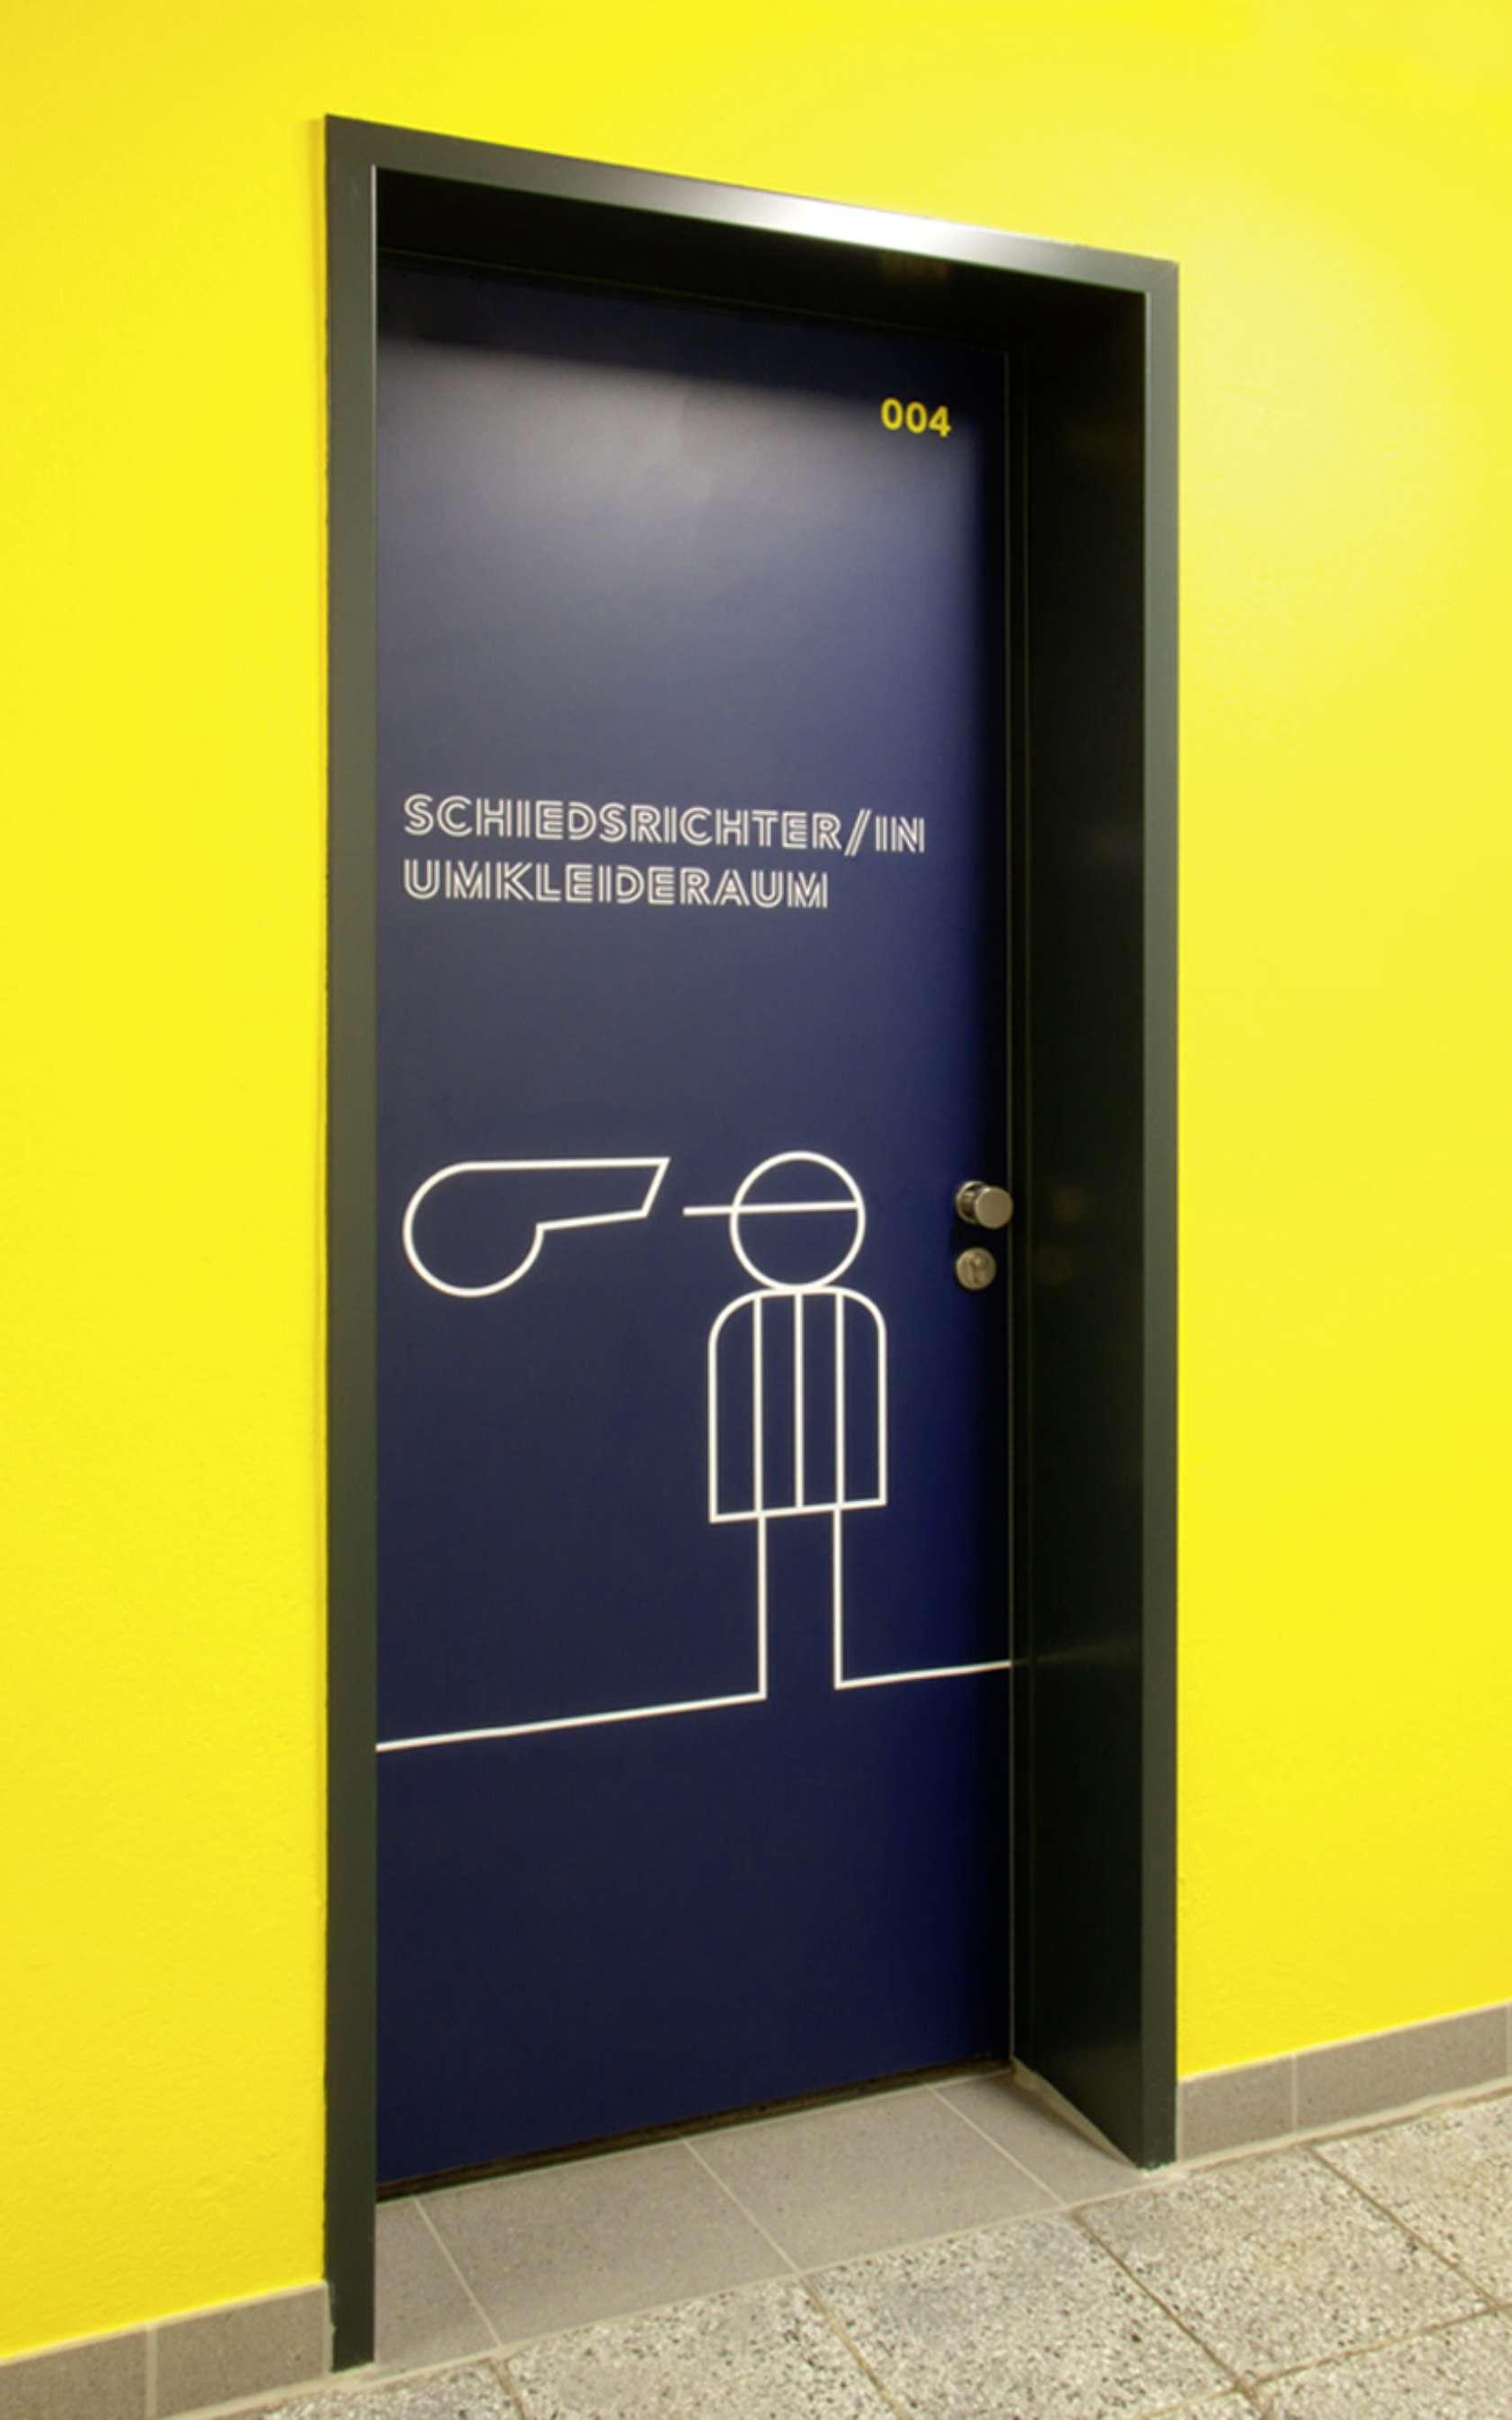 gourdin m ller sports hall industrieschule chemnitz architizer. Black Bedroom Furniture Sets. Home Design Ideas